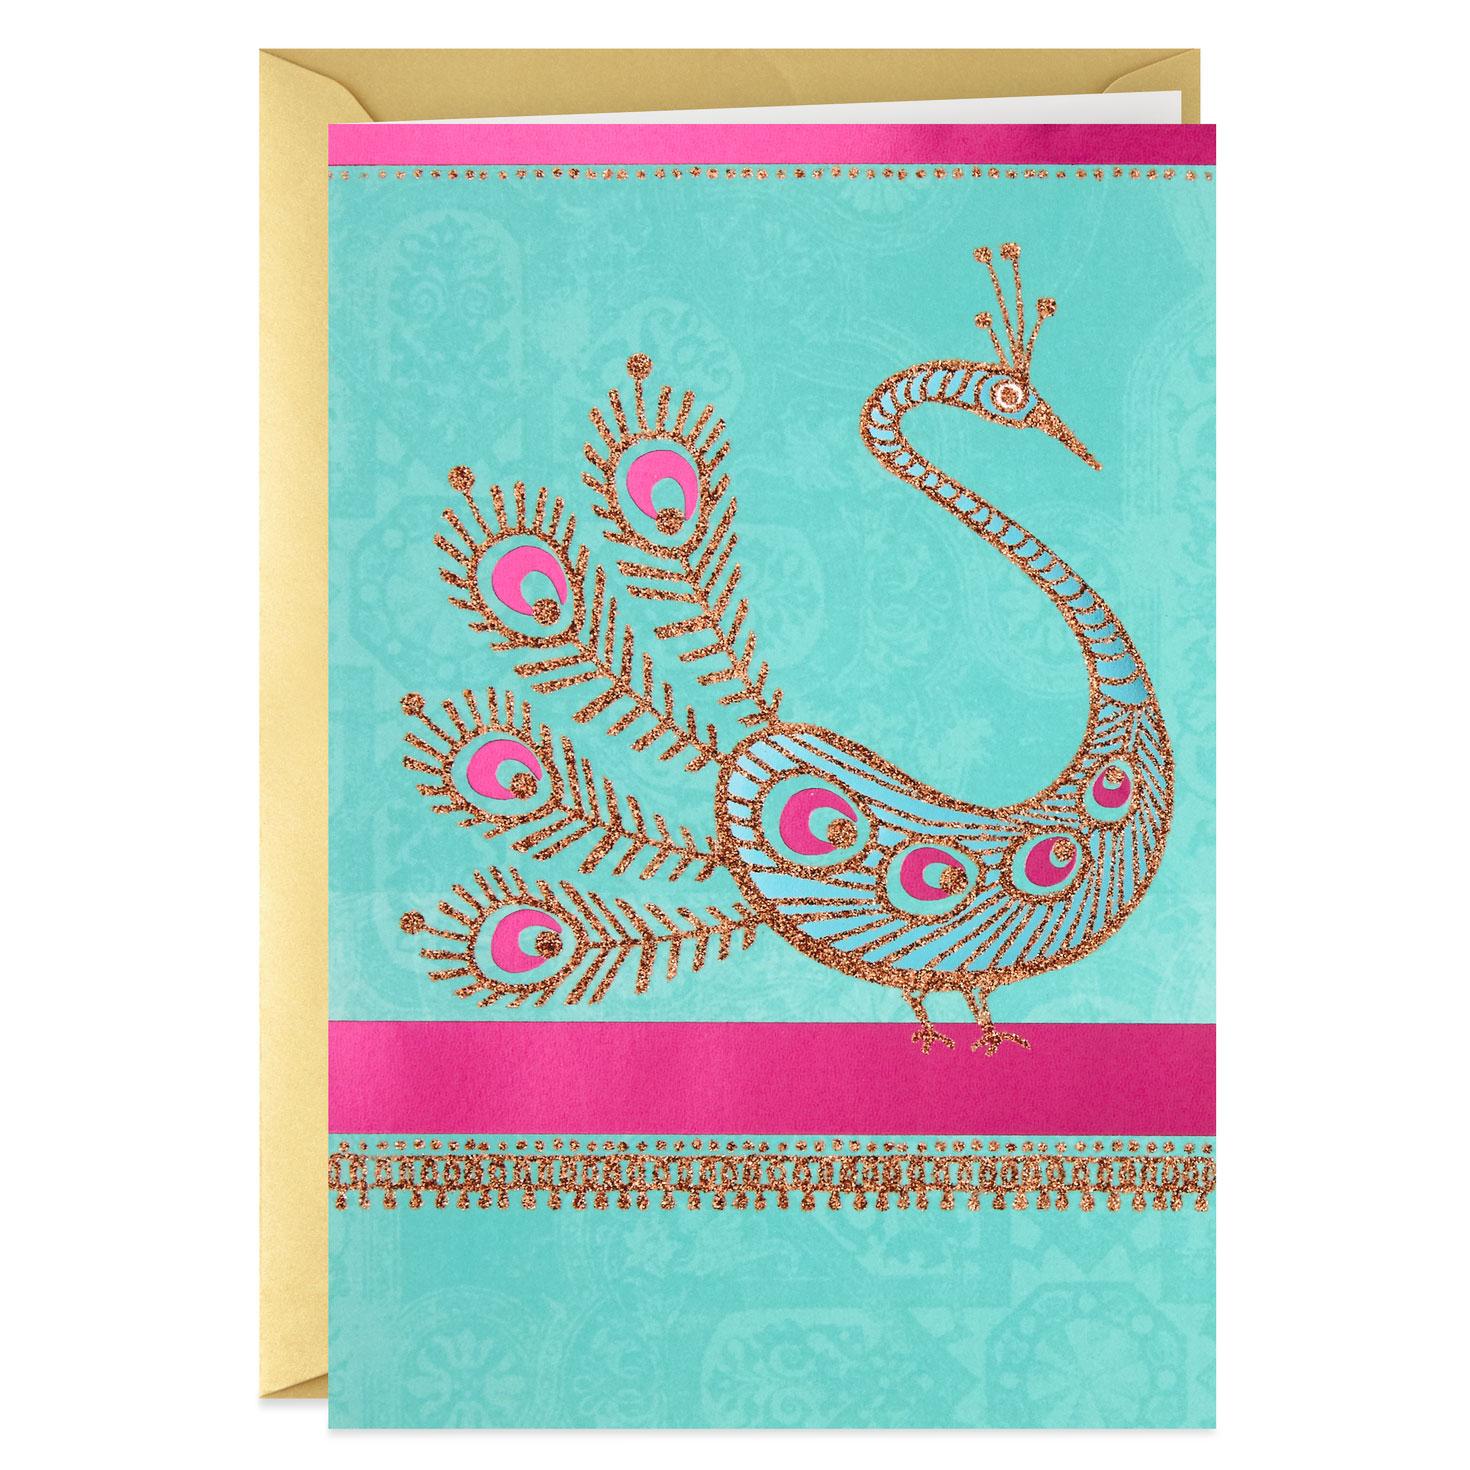 Glittery Peacock Blank Card - Greeting Cards - Hallmark